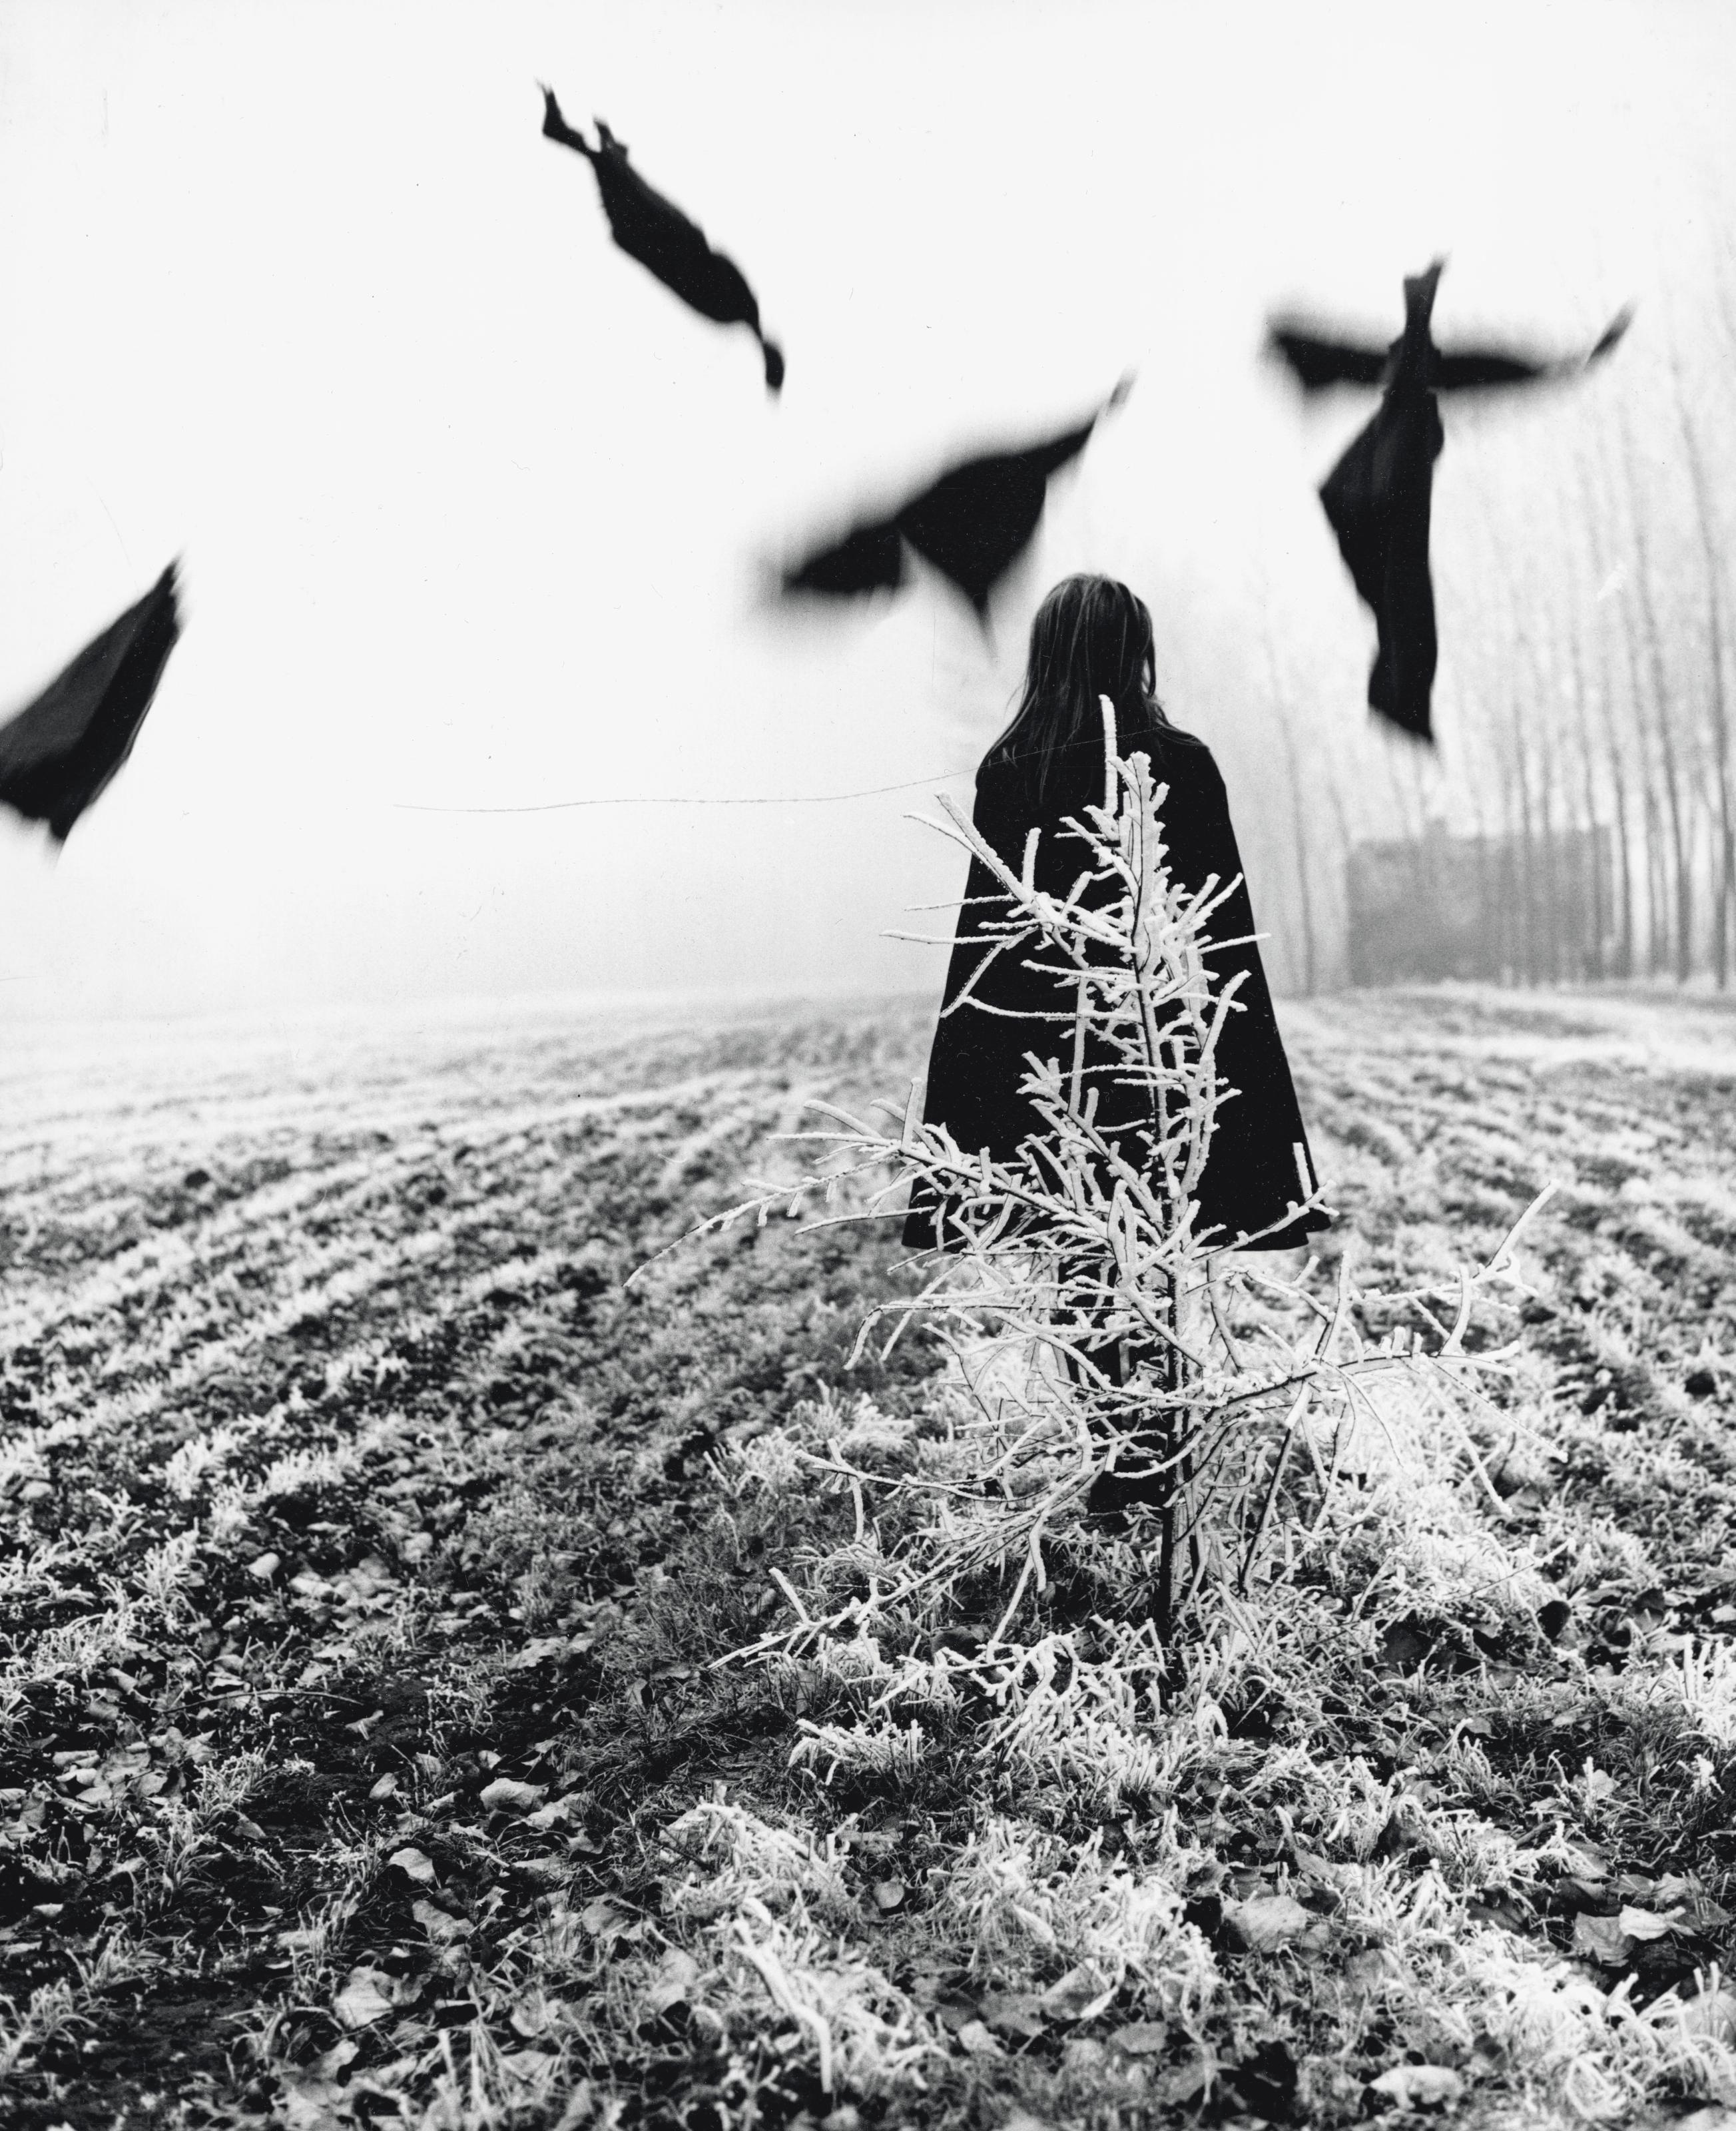 Scarecrow, 1968 - by Mario Lasalandra (1933), Italian ...